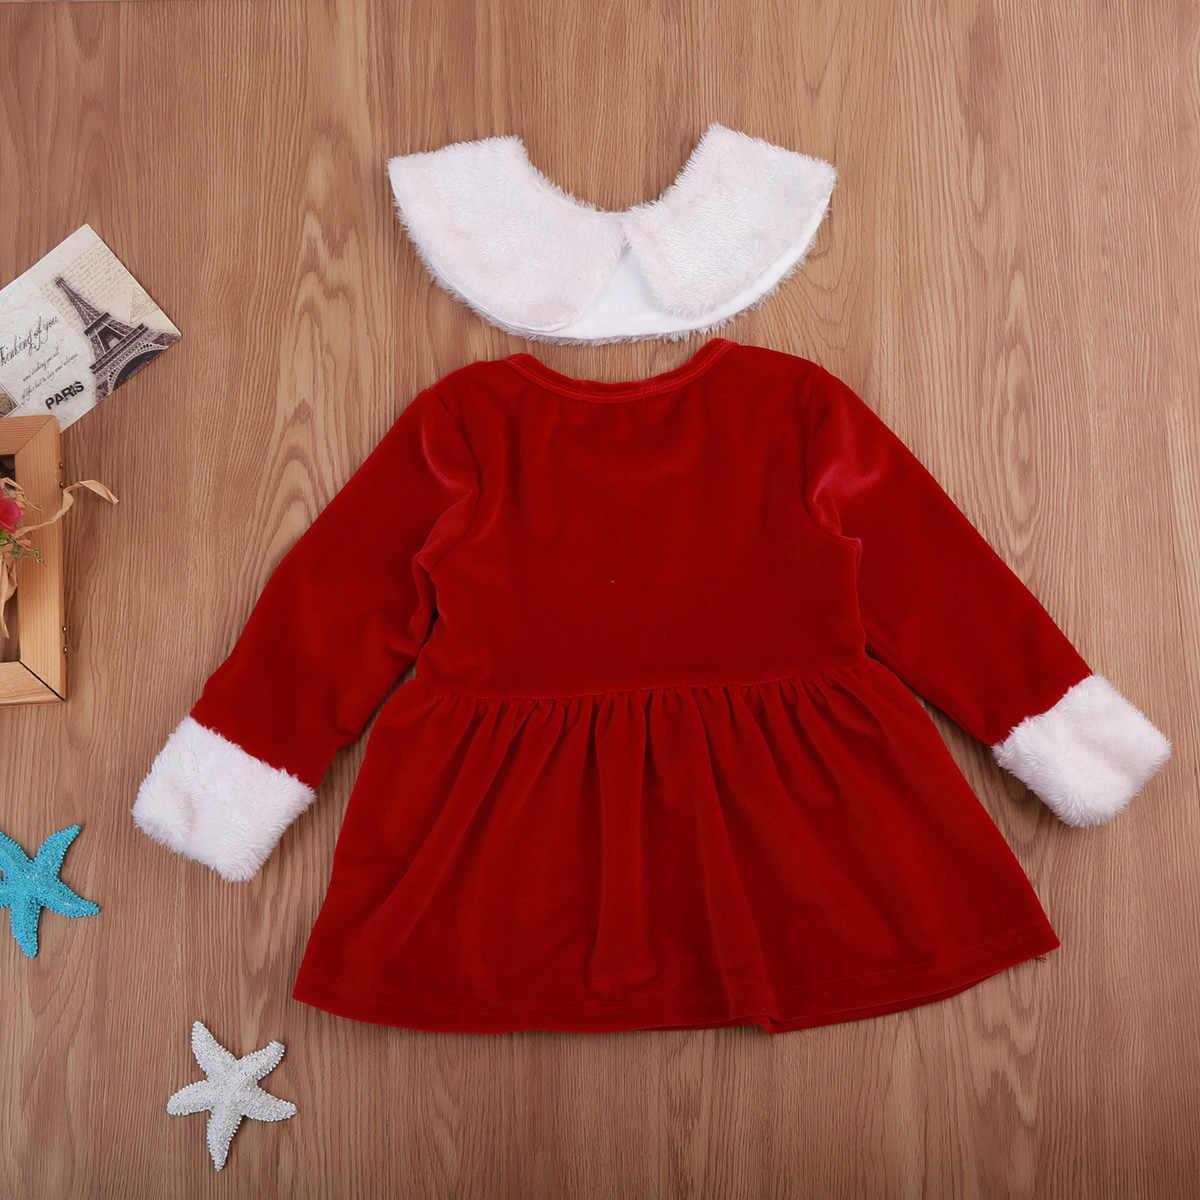 真新しい 2018 クリスマス幼児幼児子供キッズベビーのドレス長袖毛深い赤服クリスマス Stanta ドレス 0-4 t